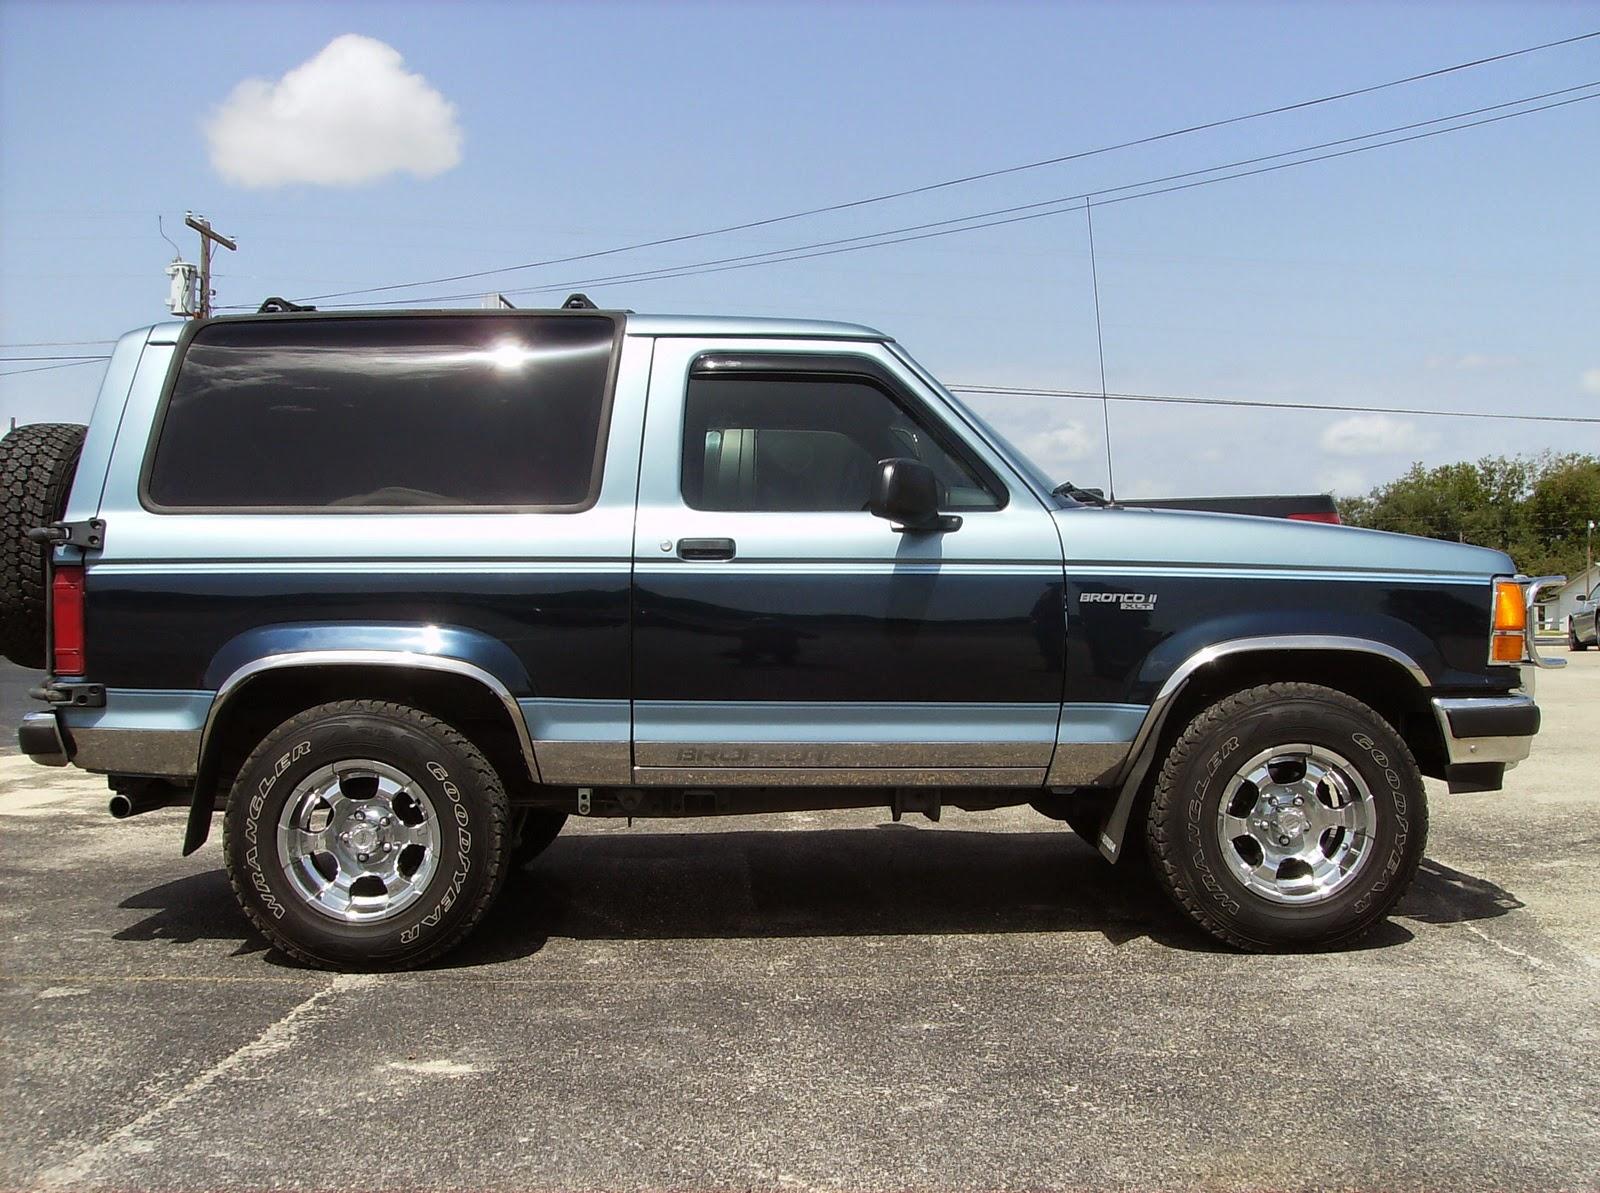 Spuds blog thirteenth vehicle 1985 ford bronco ii